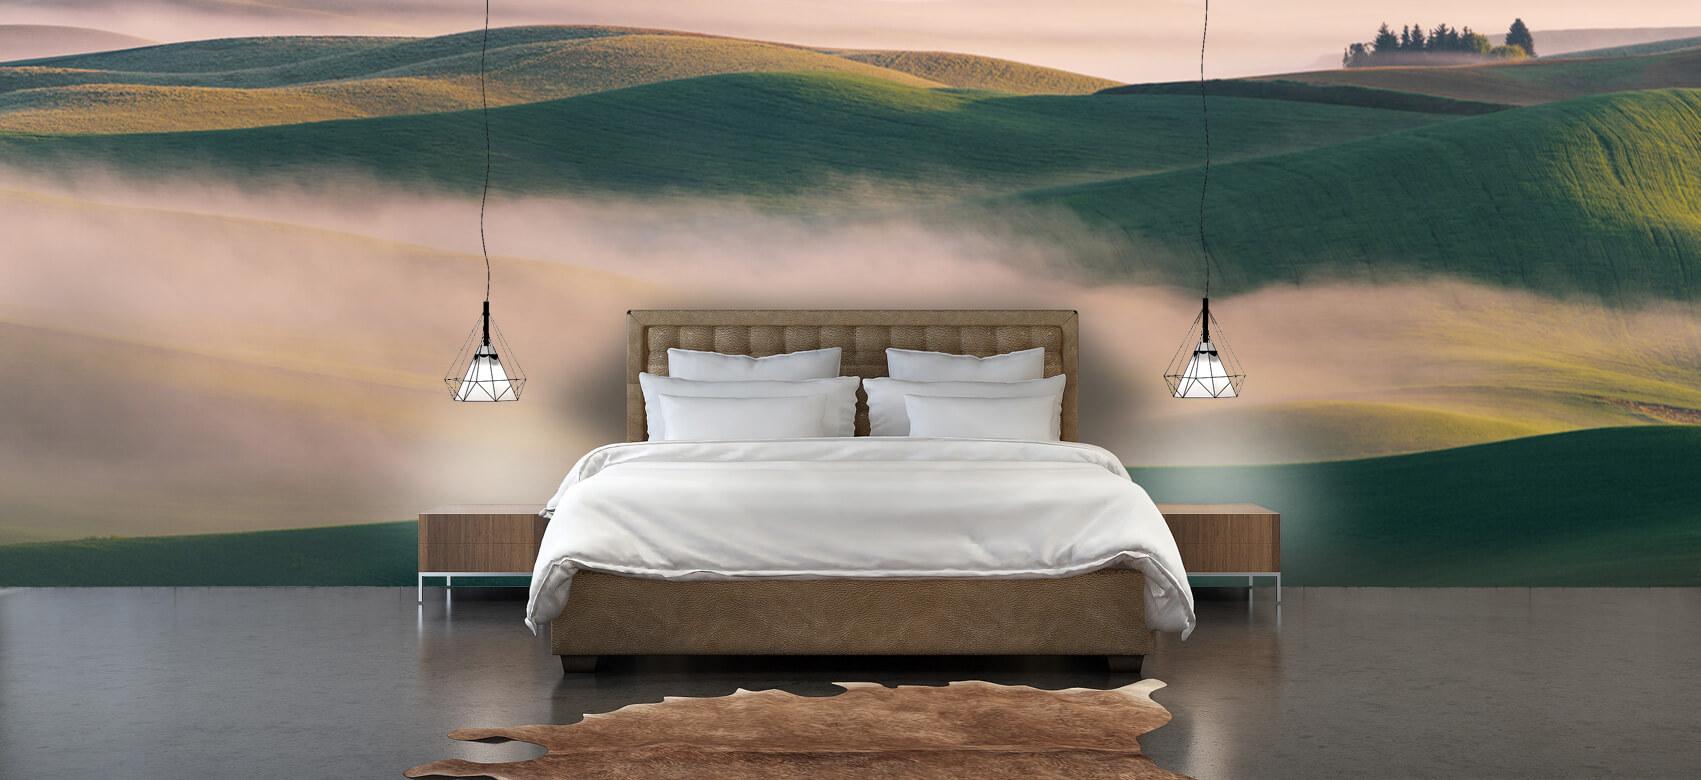 Dream Land in Morning Mist 3